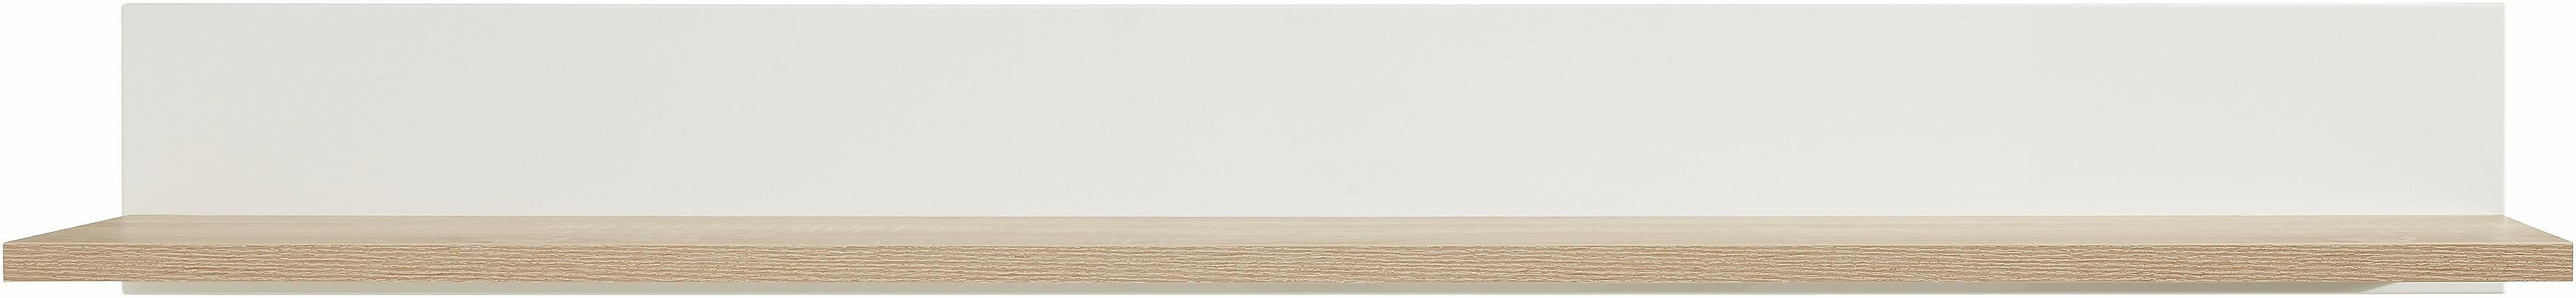 Wandbord »Arena«, Breite 180 cm